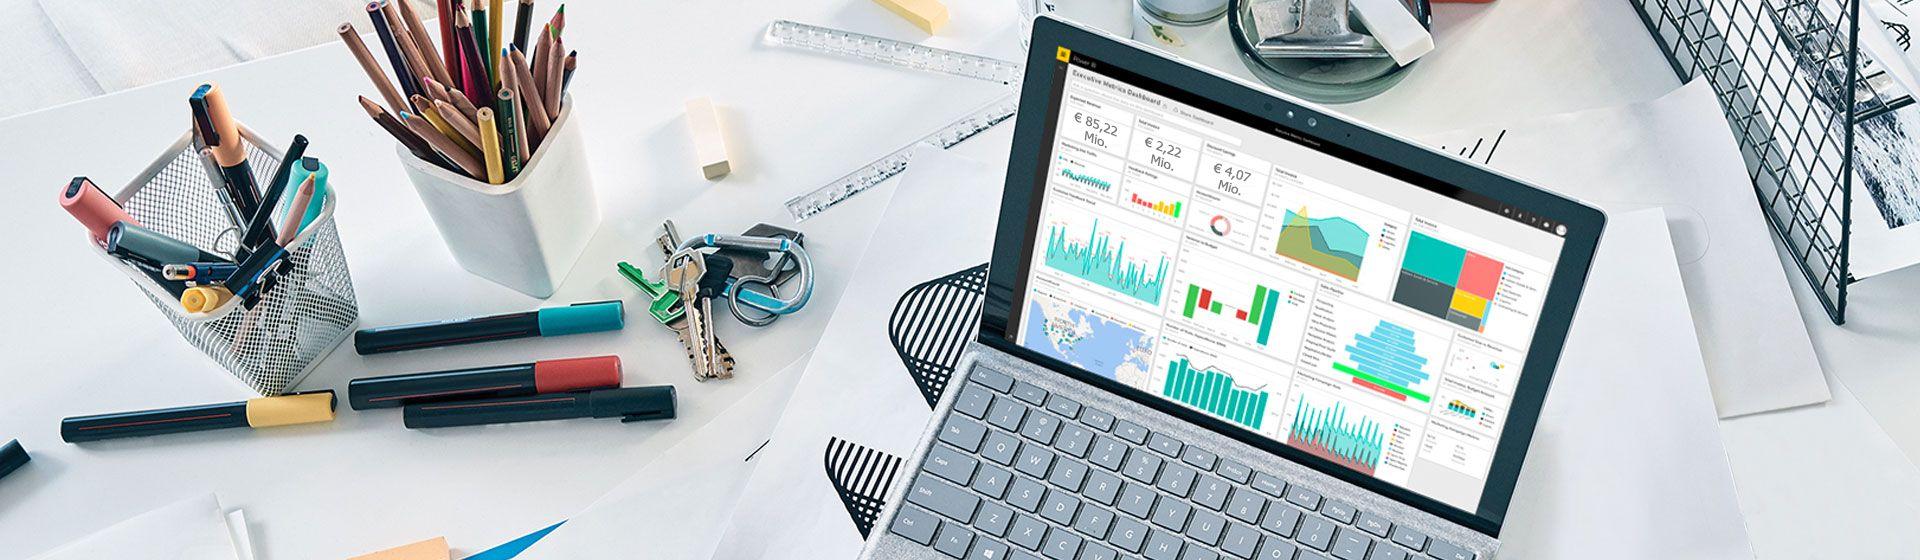 Leerer Schreibtisch mit einem Desktop- Monitor, auf dem Power BI angezeigt wird